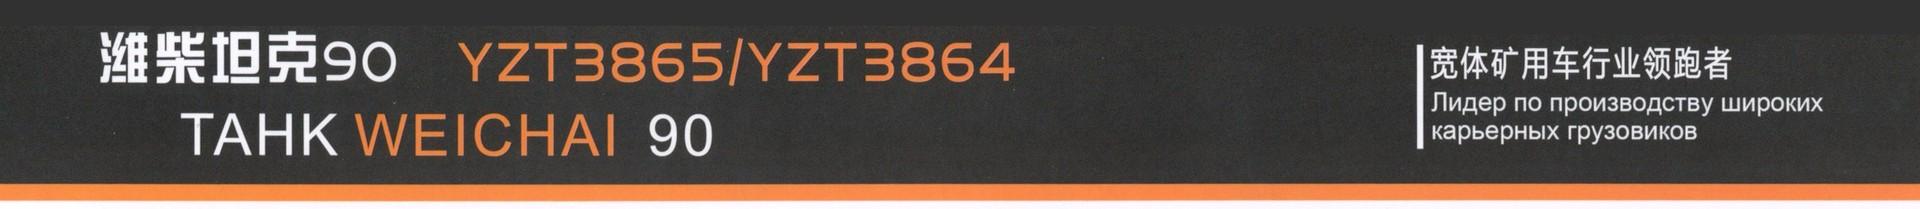 1528438053814365.jpg